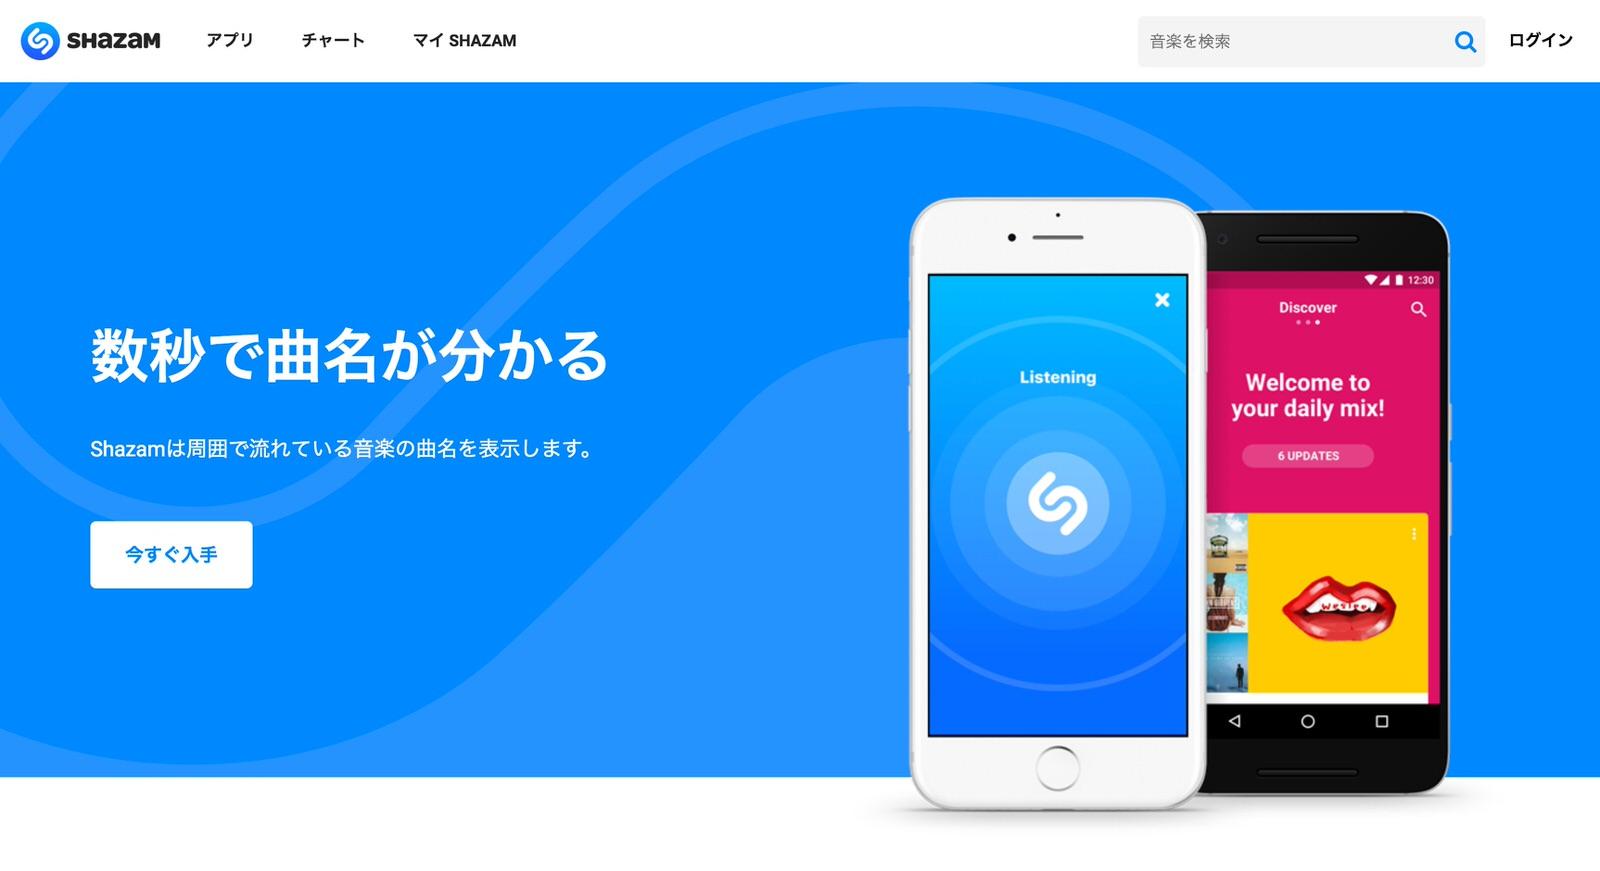 Apple、音楽認識アプリ「Shazam」の買収を認める 買収総額は約4億ドルと報道